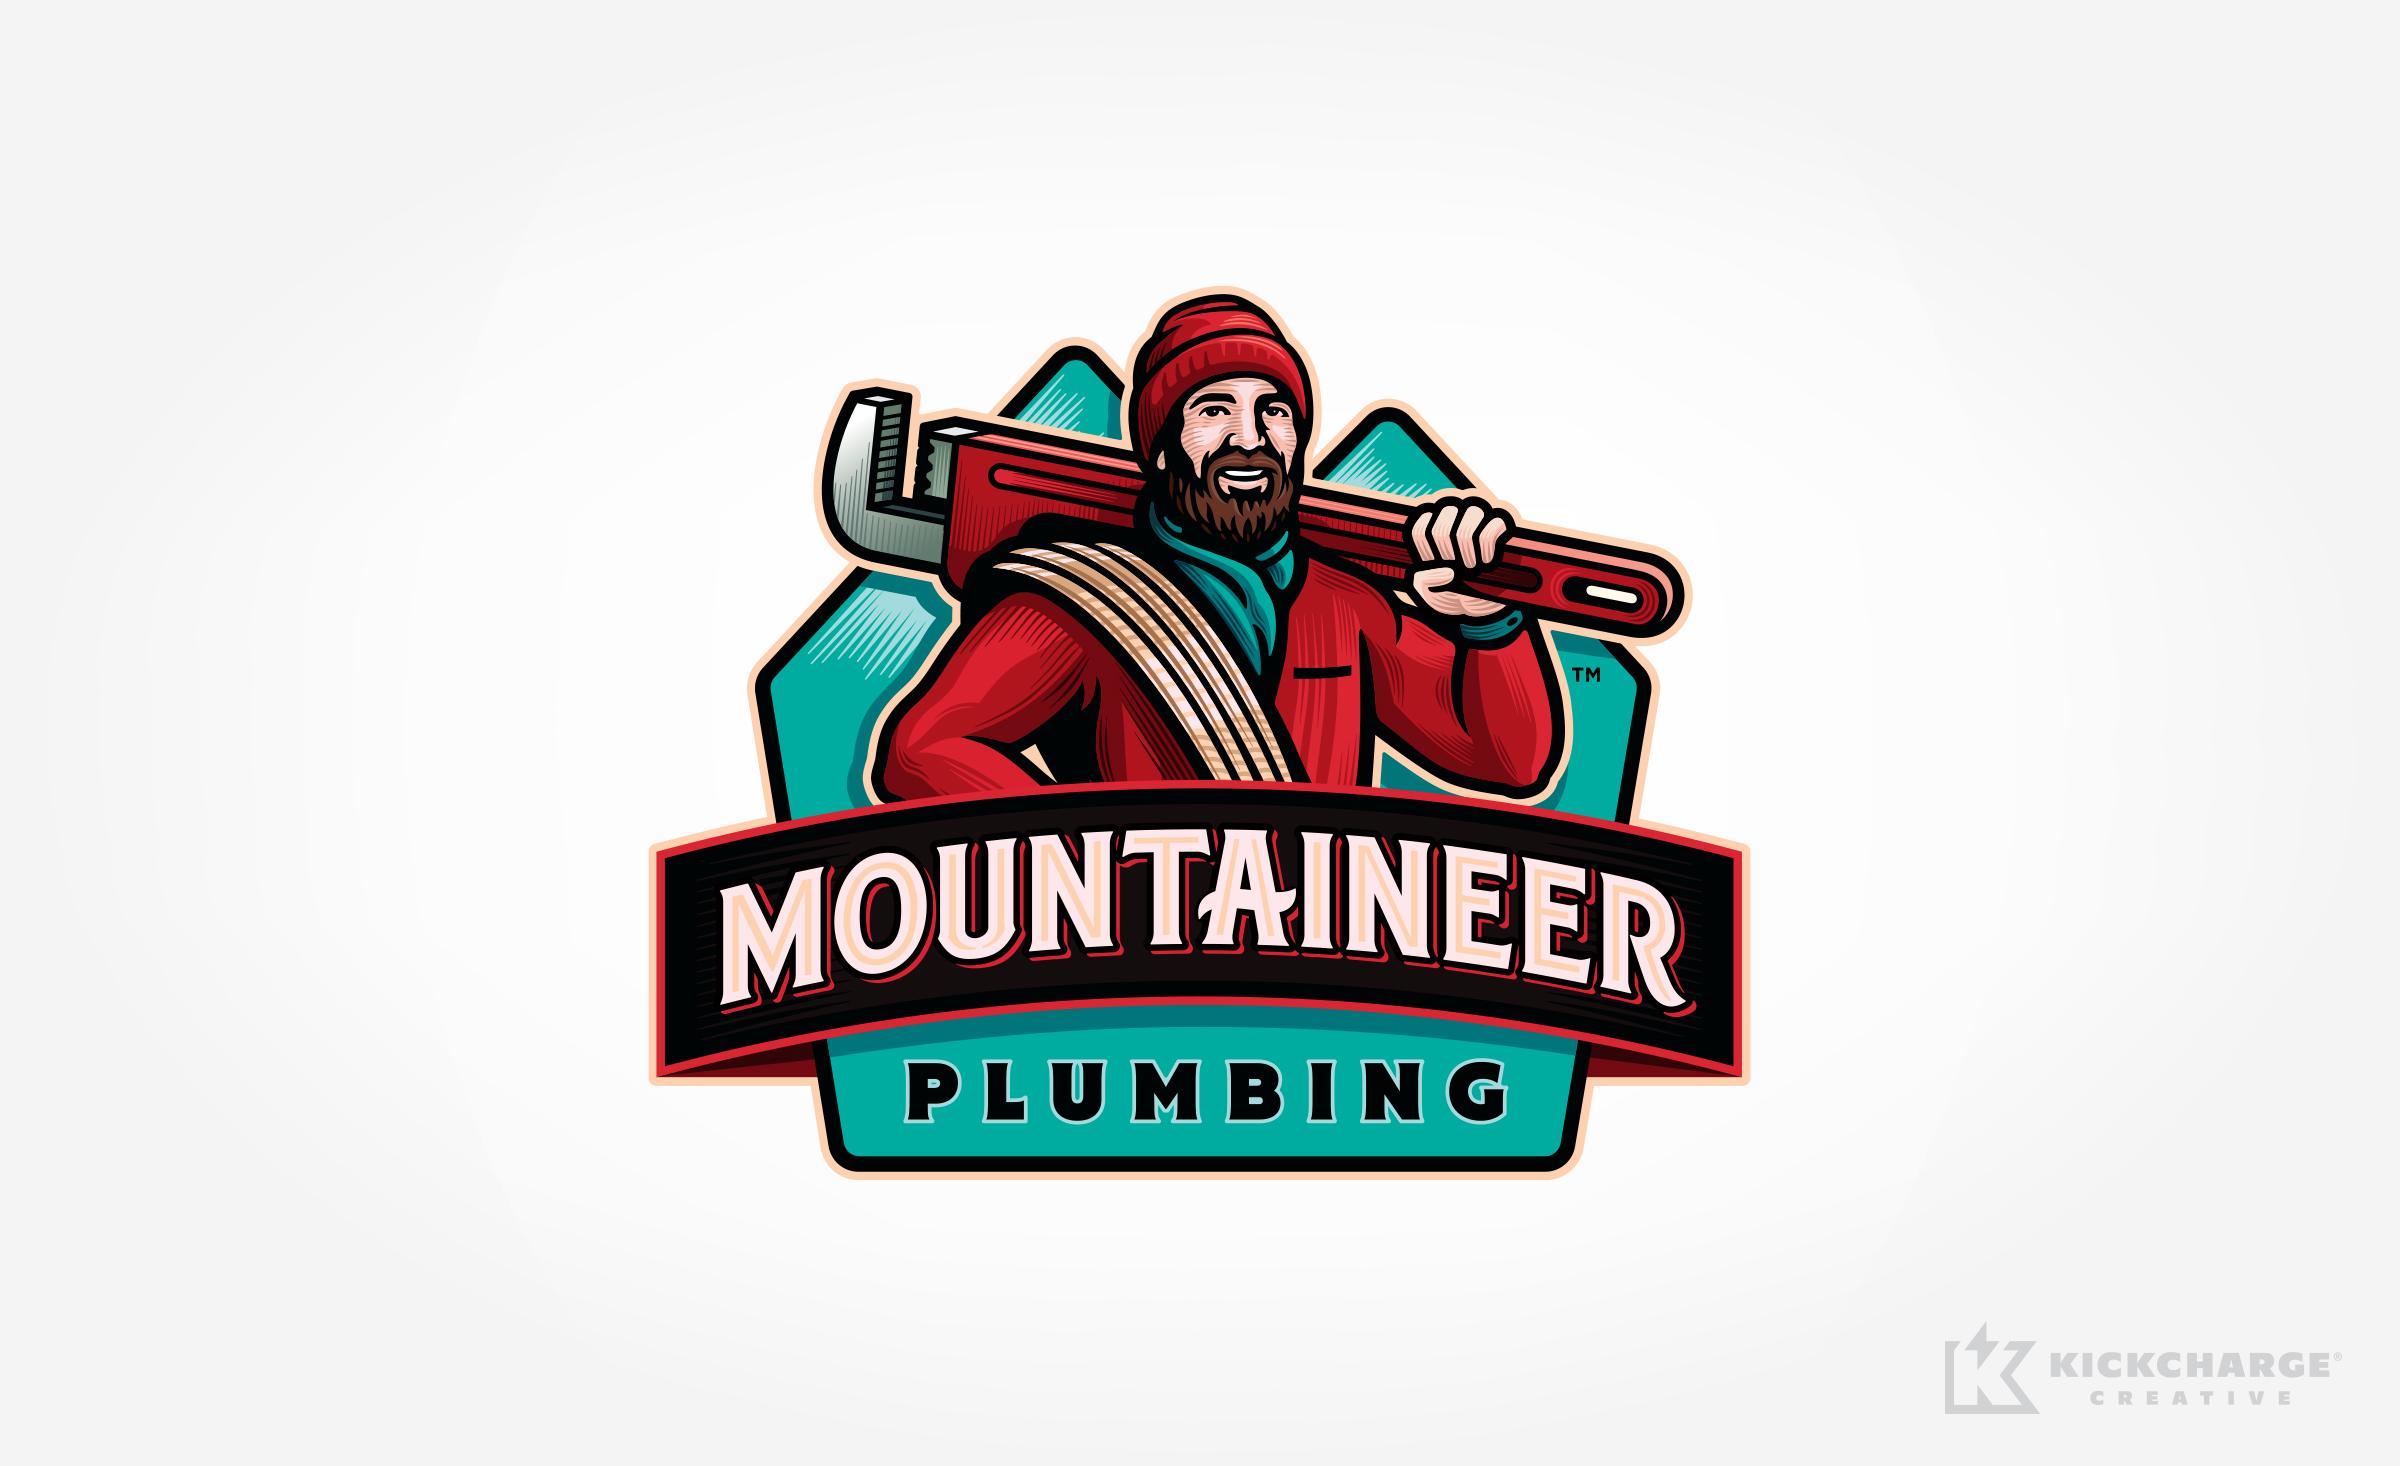 plumbing logo for Mountaineer Plumbing